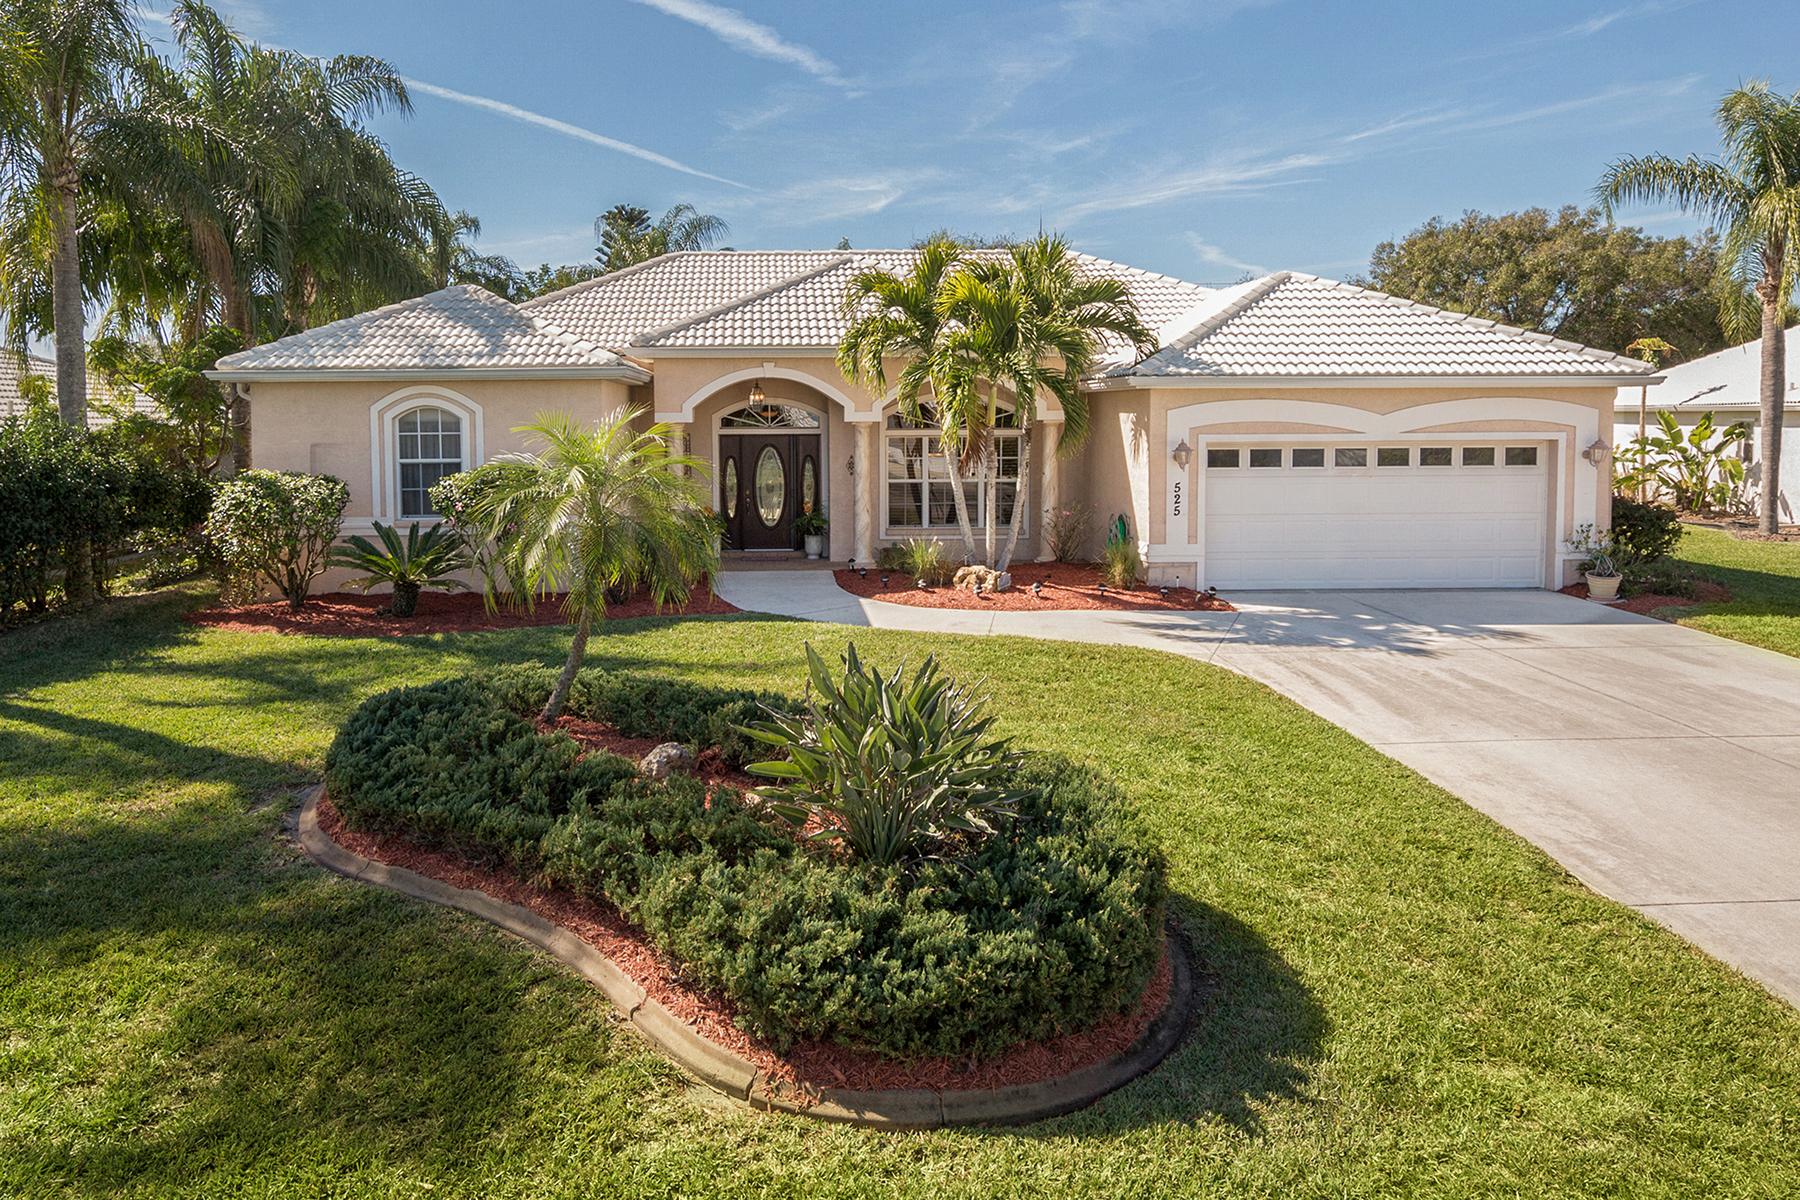 Casa Unifamiliar por un Venta en PLANTATION LAKES 525 Warwick Dr Venice, Florida, 34293 Estados Unidos